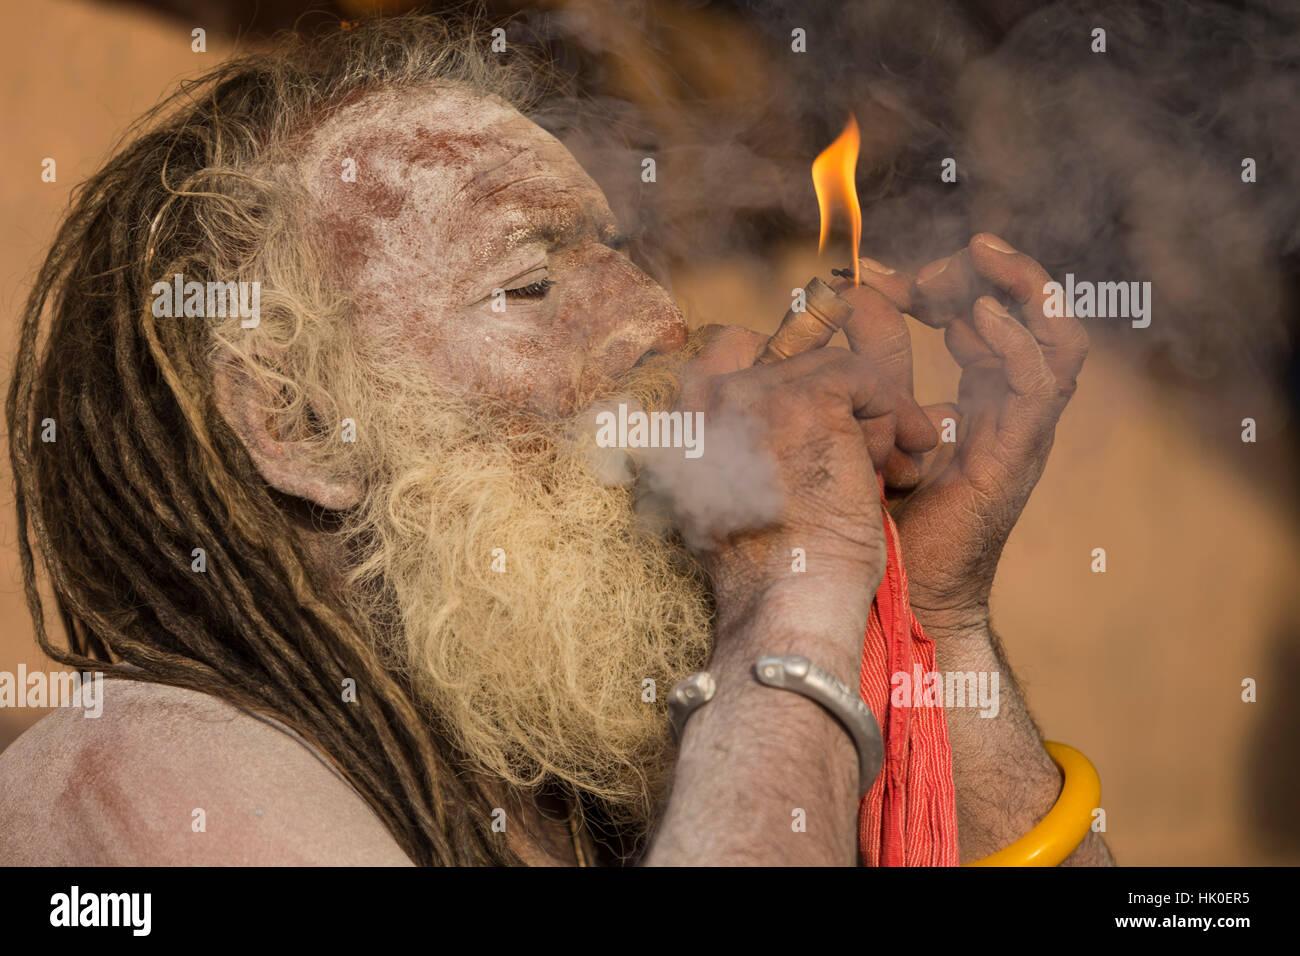 Sadhu smoking. Varanasi, India - Stock Image